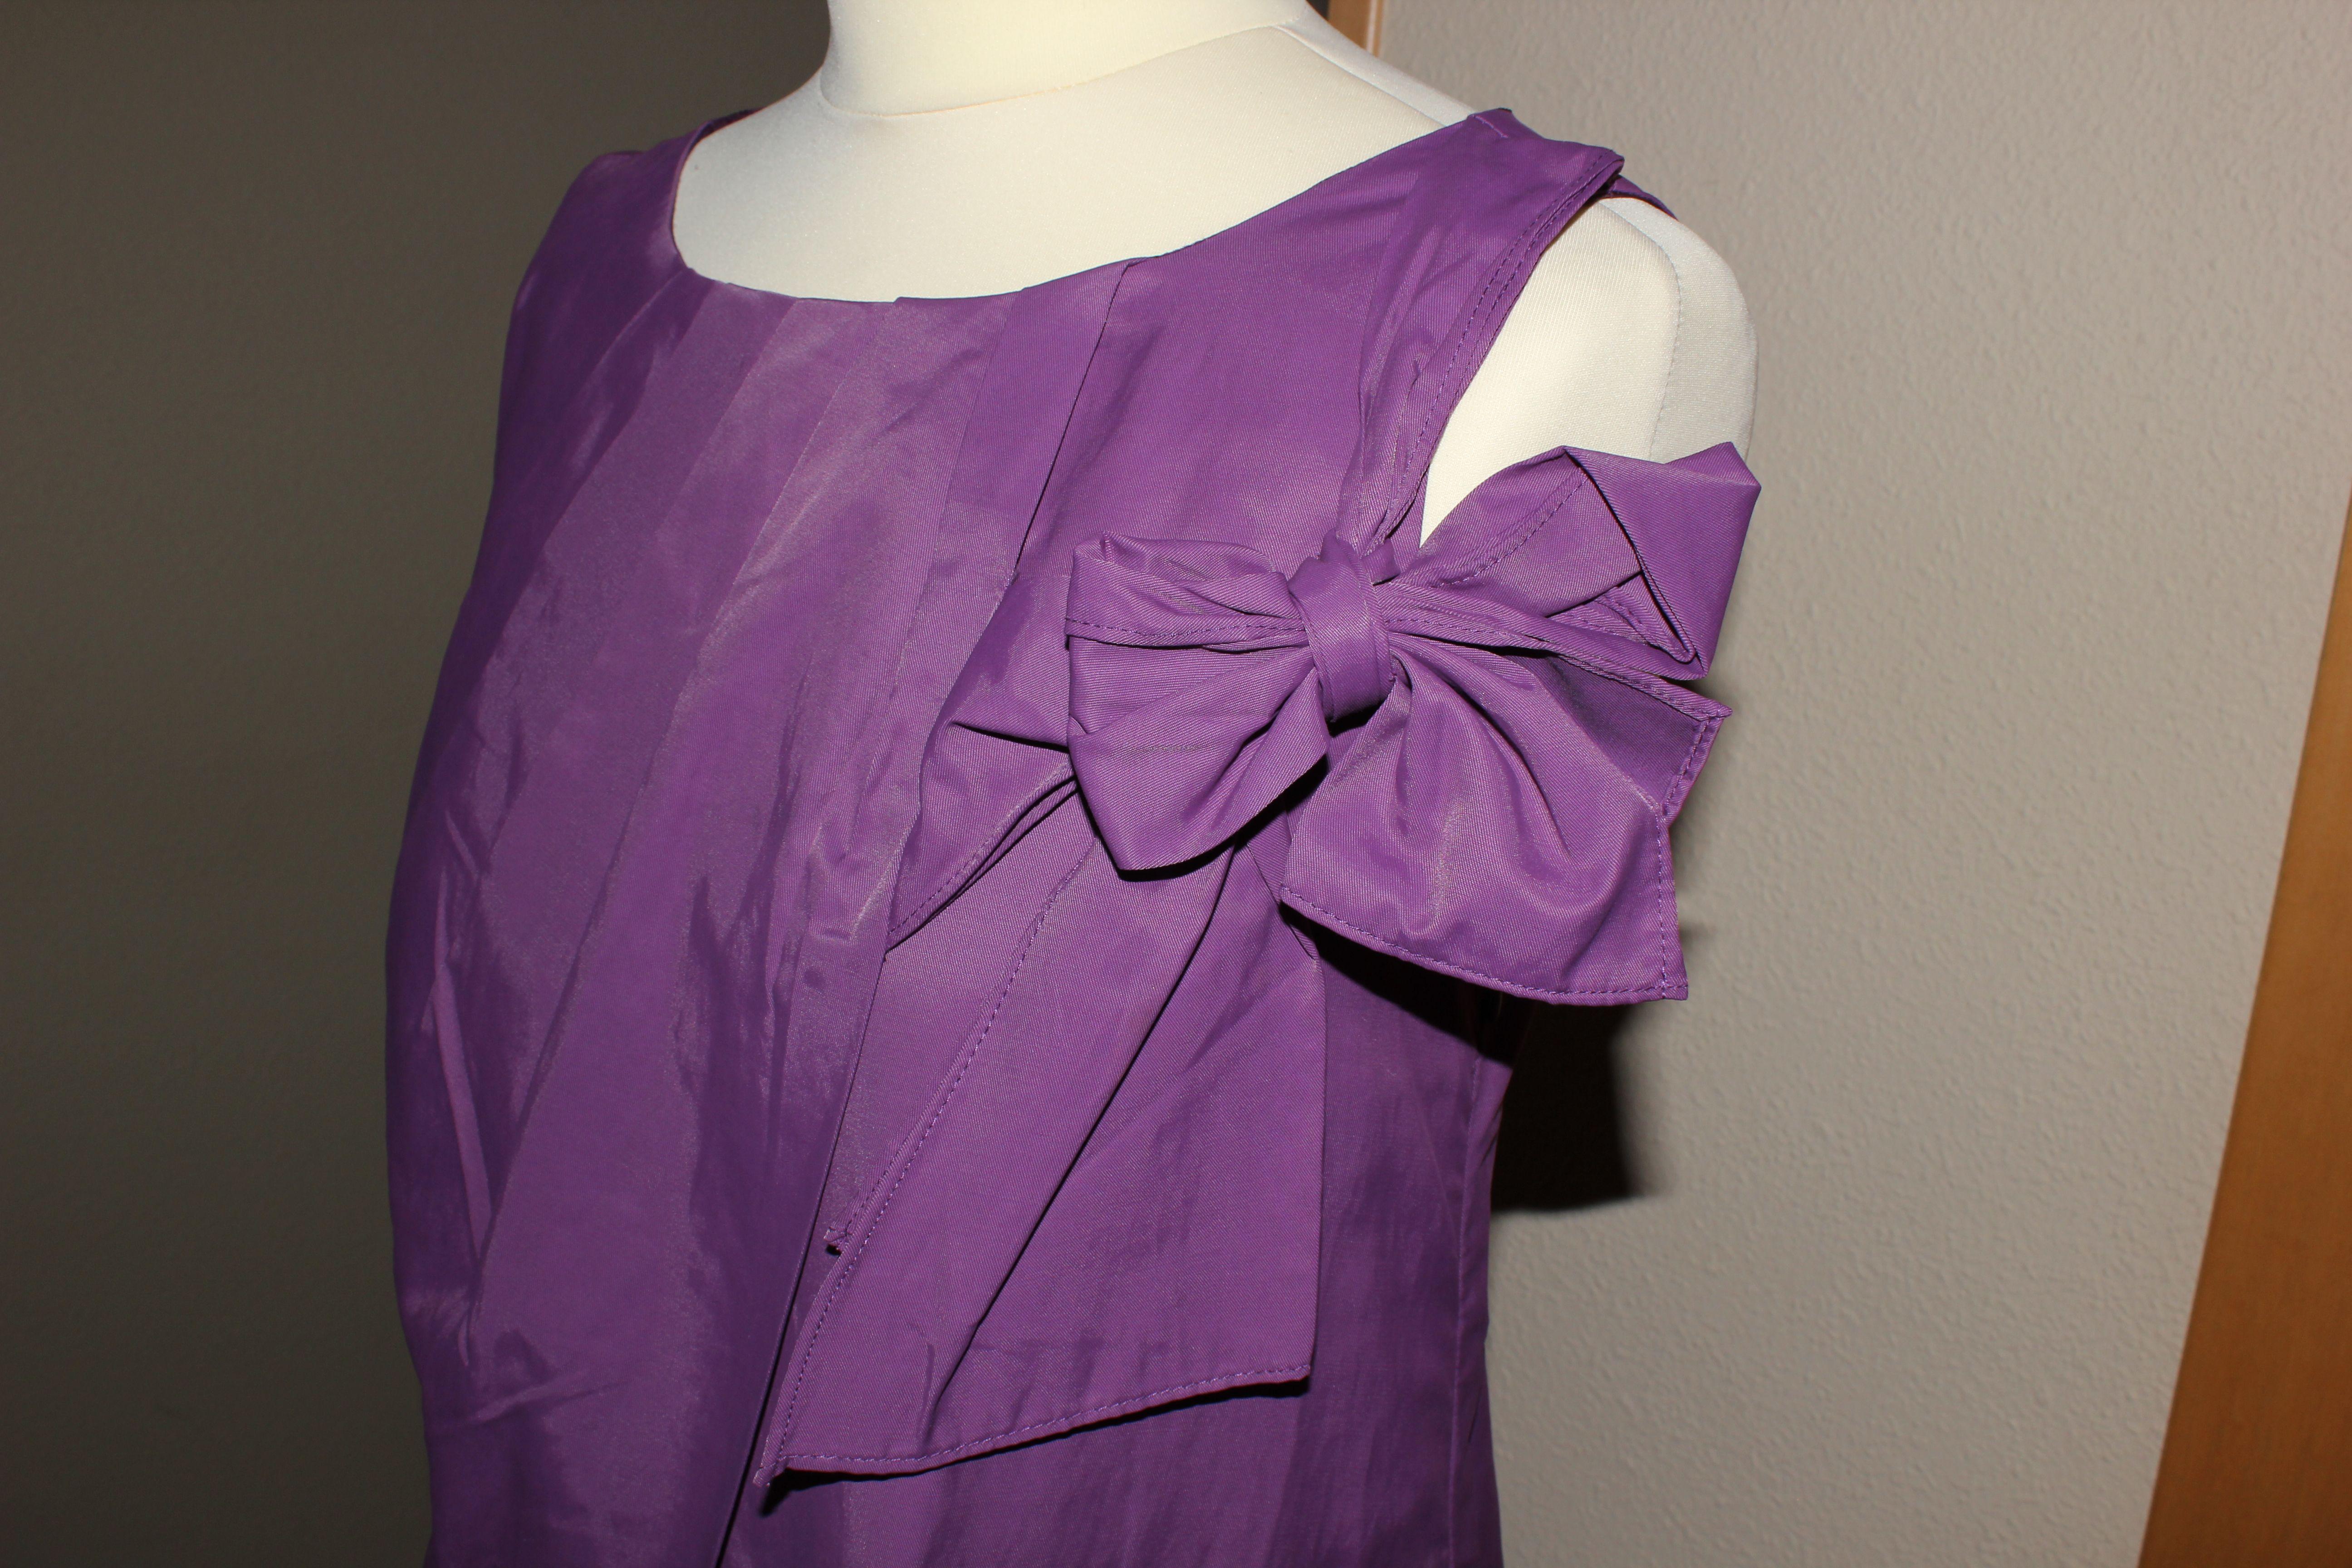 Detalle Vestido Morado, sin mangas abullonado, con detalle en lateral de lazo, una sola puesta